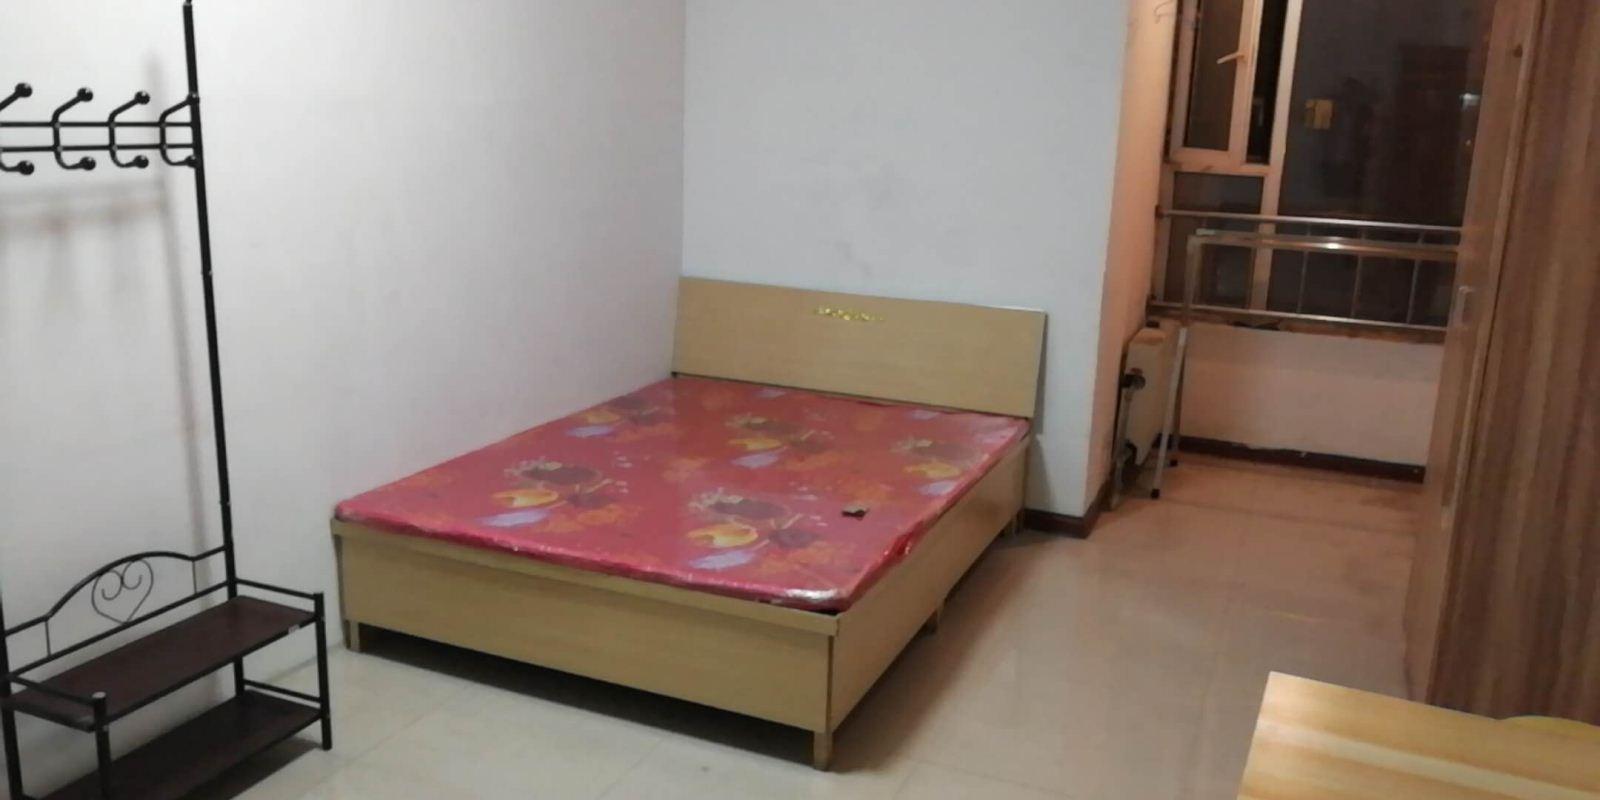 太铁建南住宅小区 800元 1室0厅0卫 普通装修便宜出太铁建南住宅小区